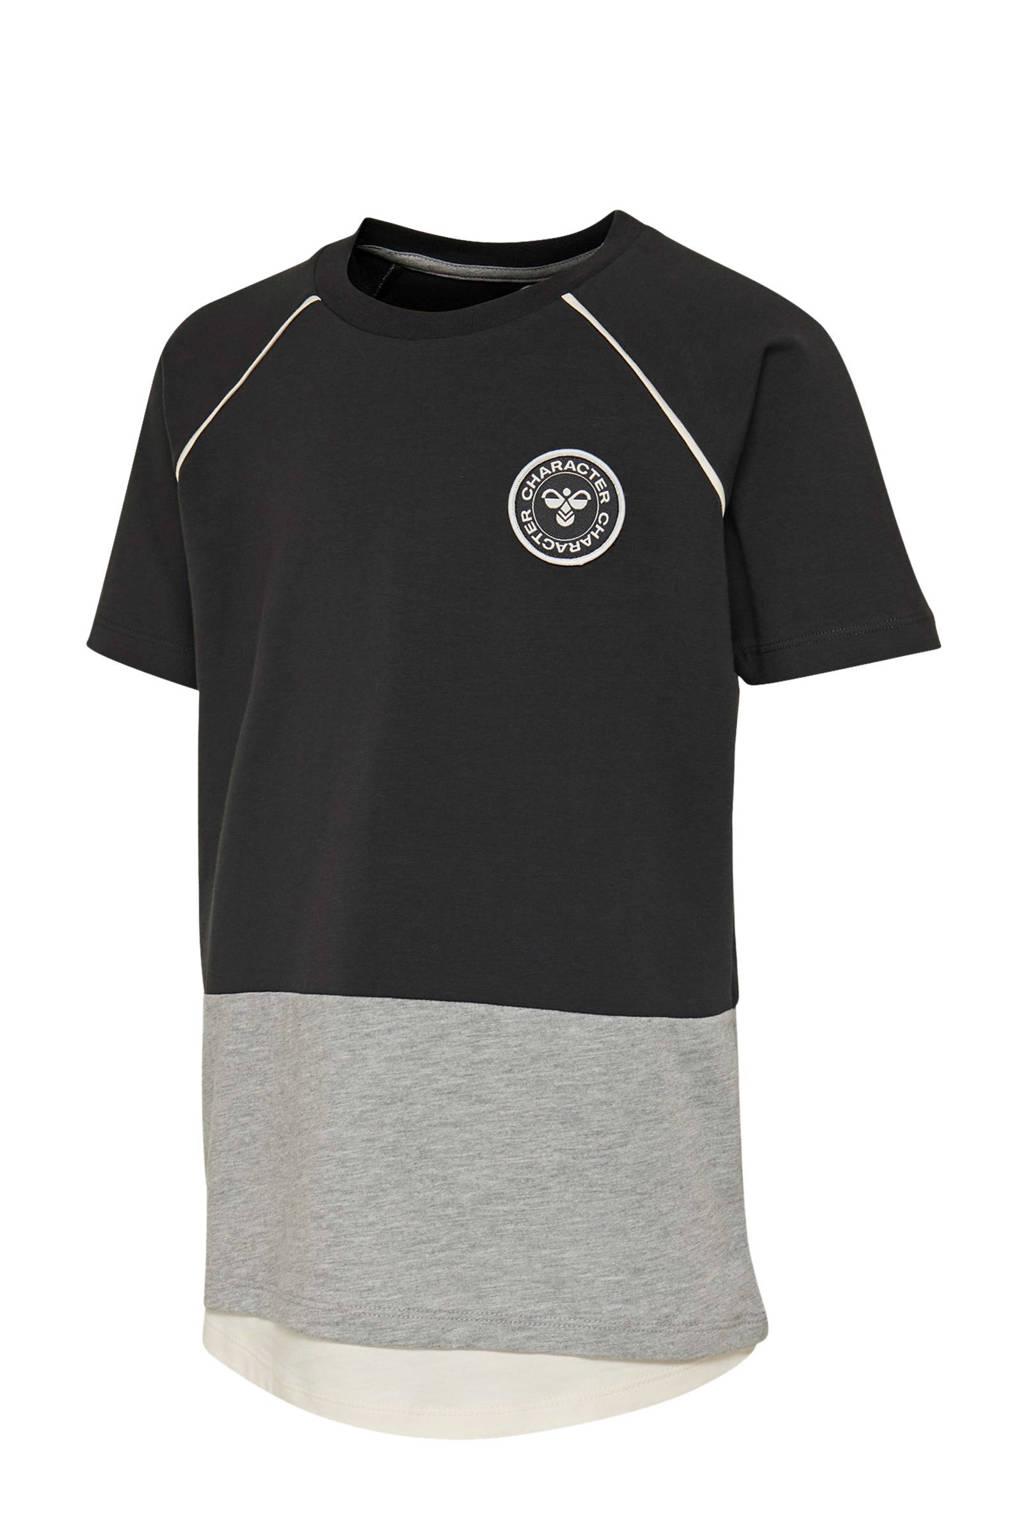 hummel T-shirt zwart/grijs/wit, Zwart/grijs/wit